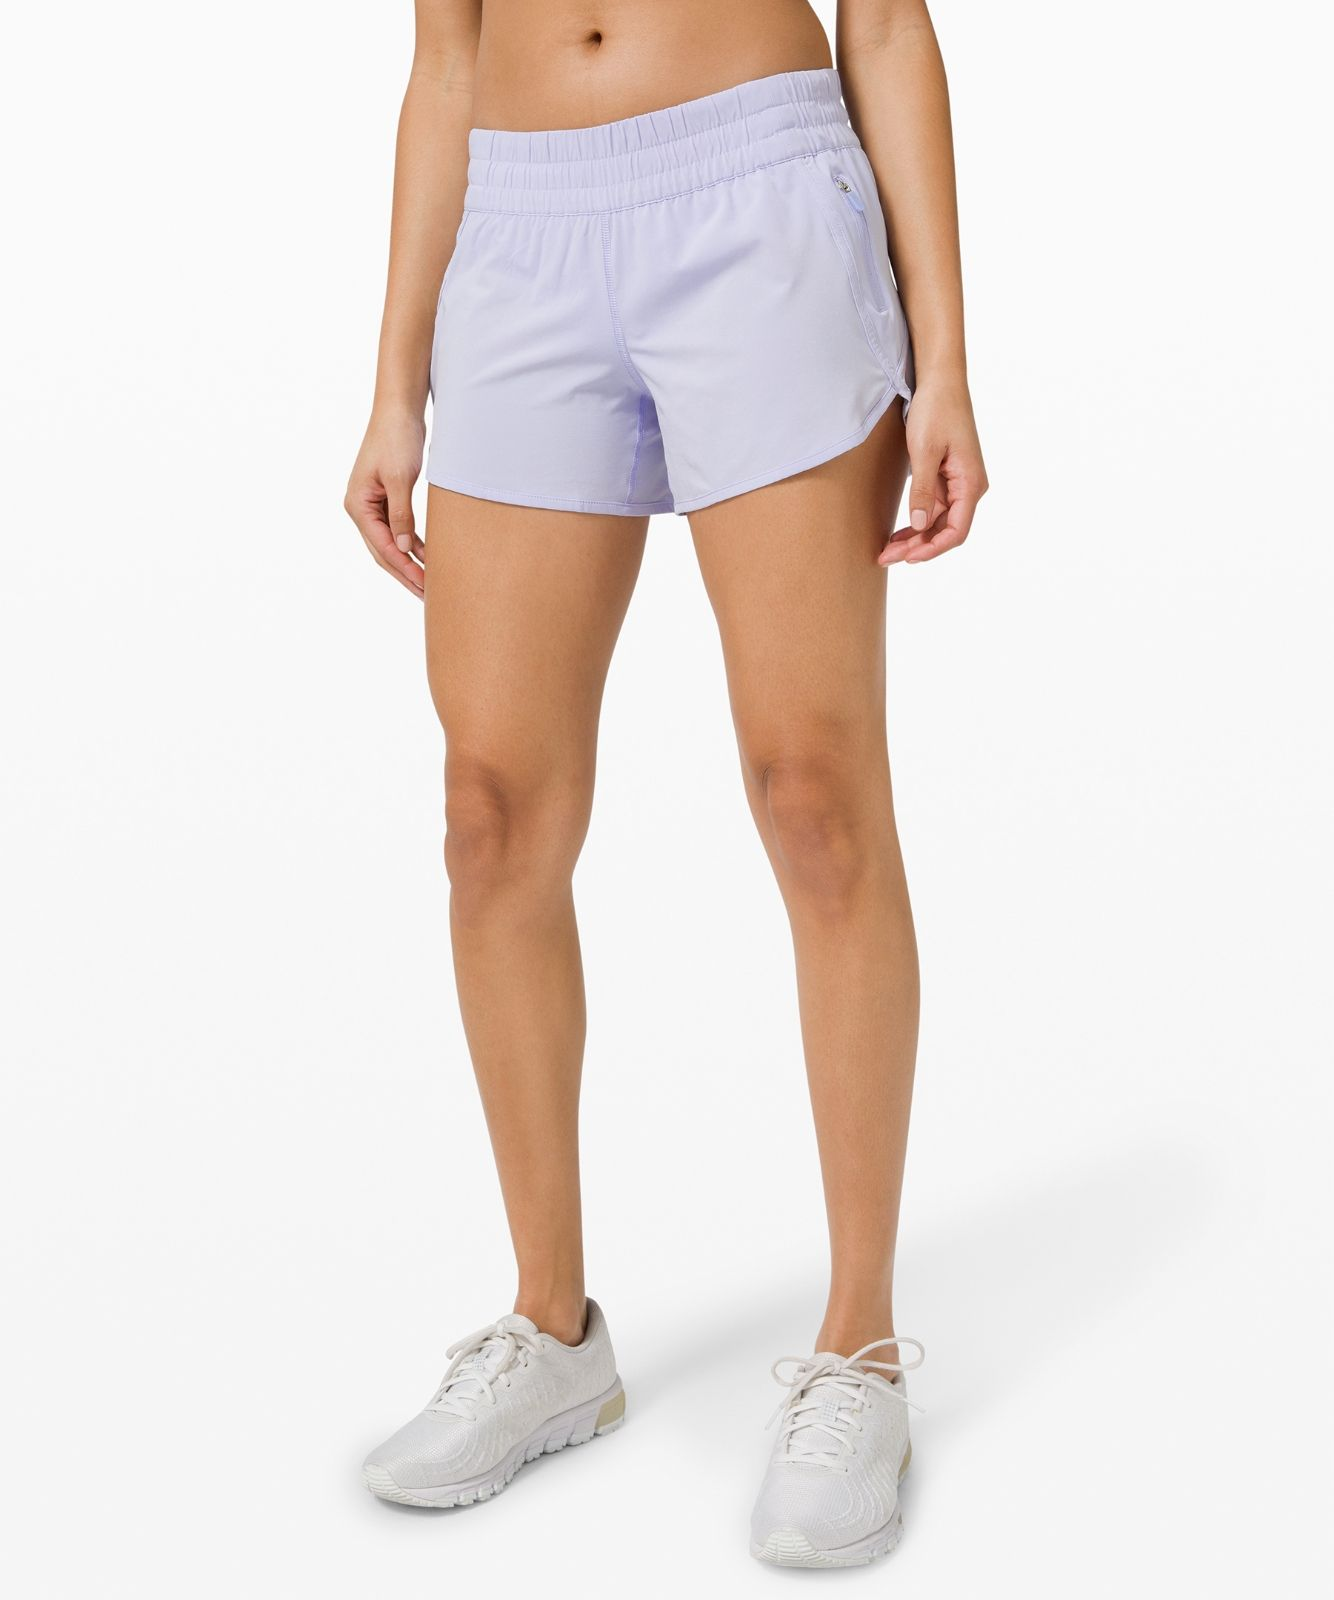 lululemon shorts womens